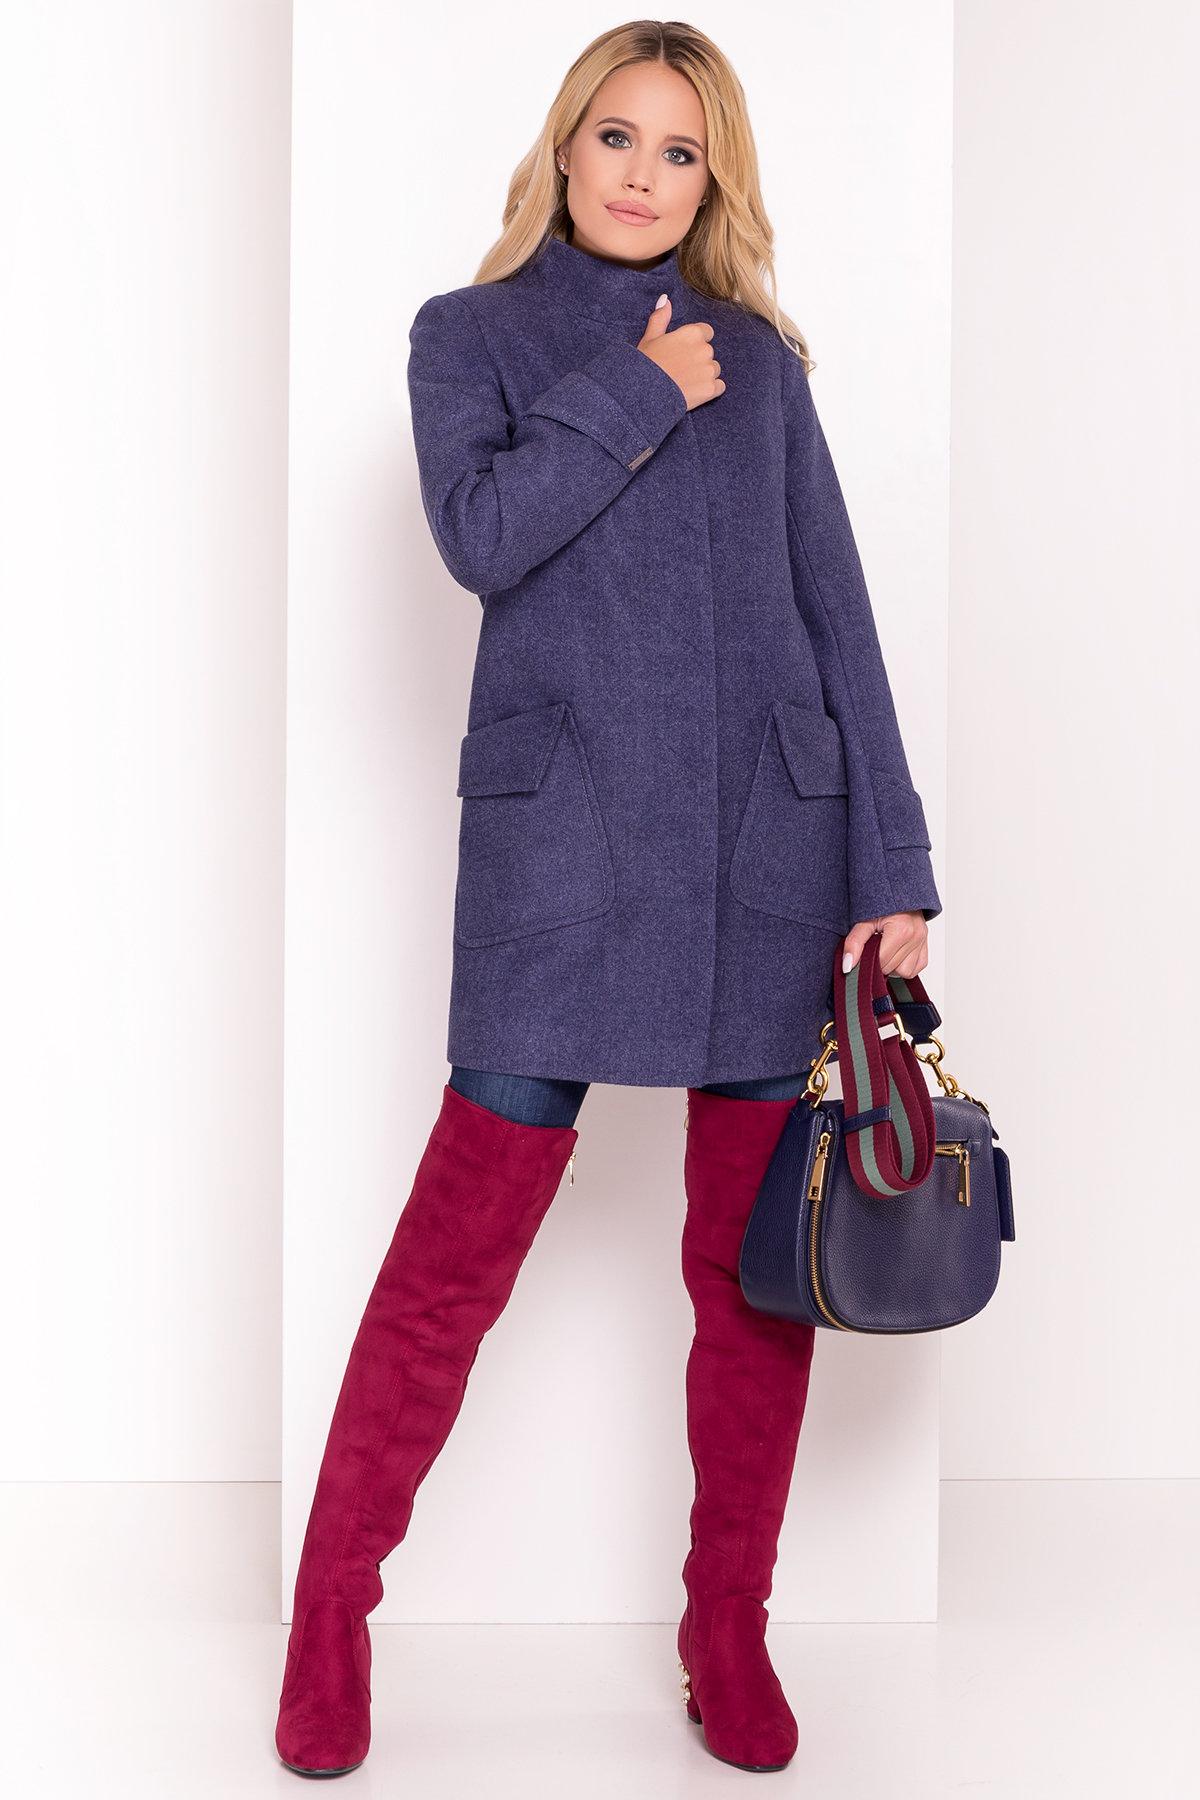 Купить пальто женское недорого от Modus Демисезонное пальто с воротником стойка Эста 5417